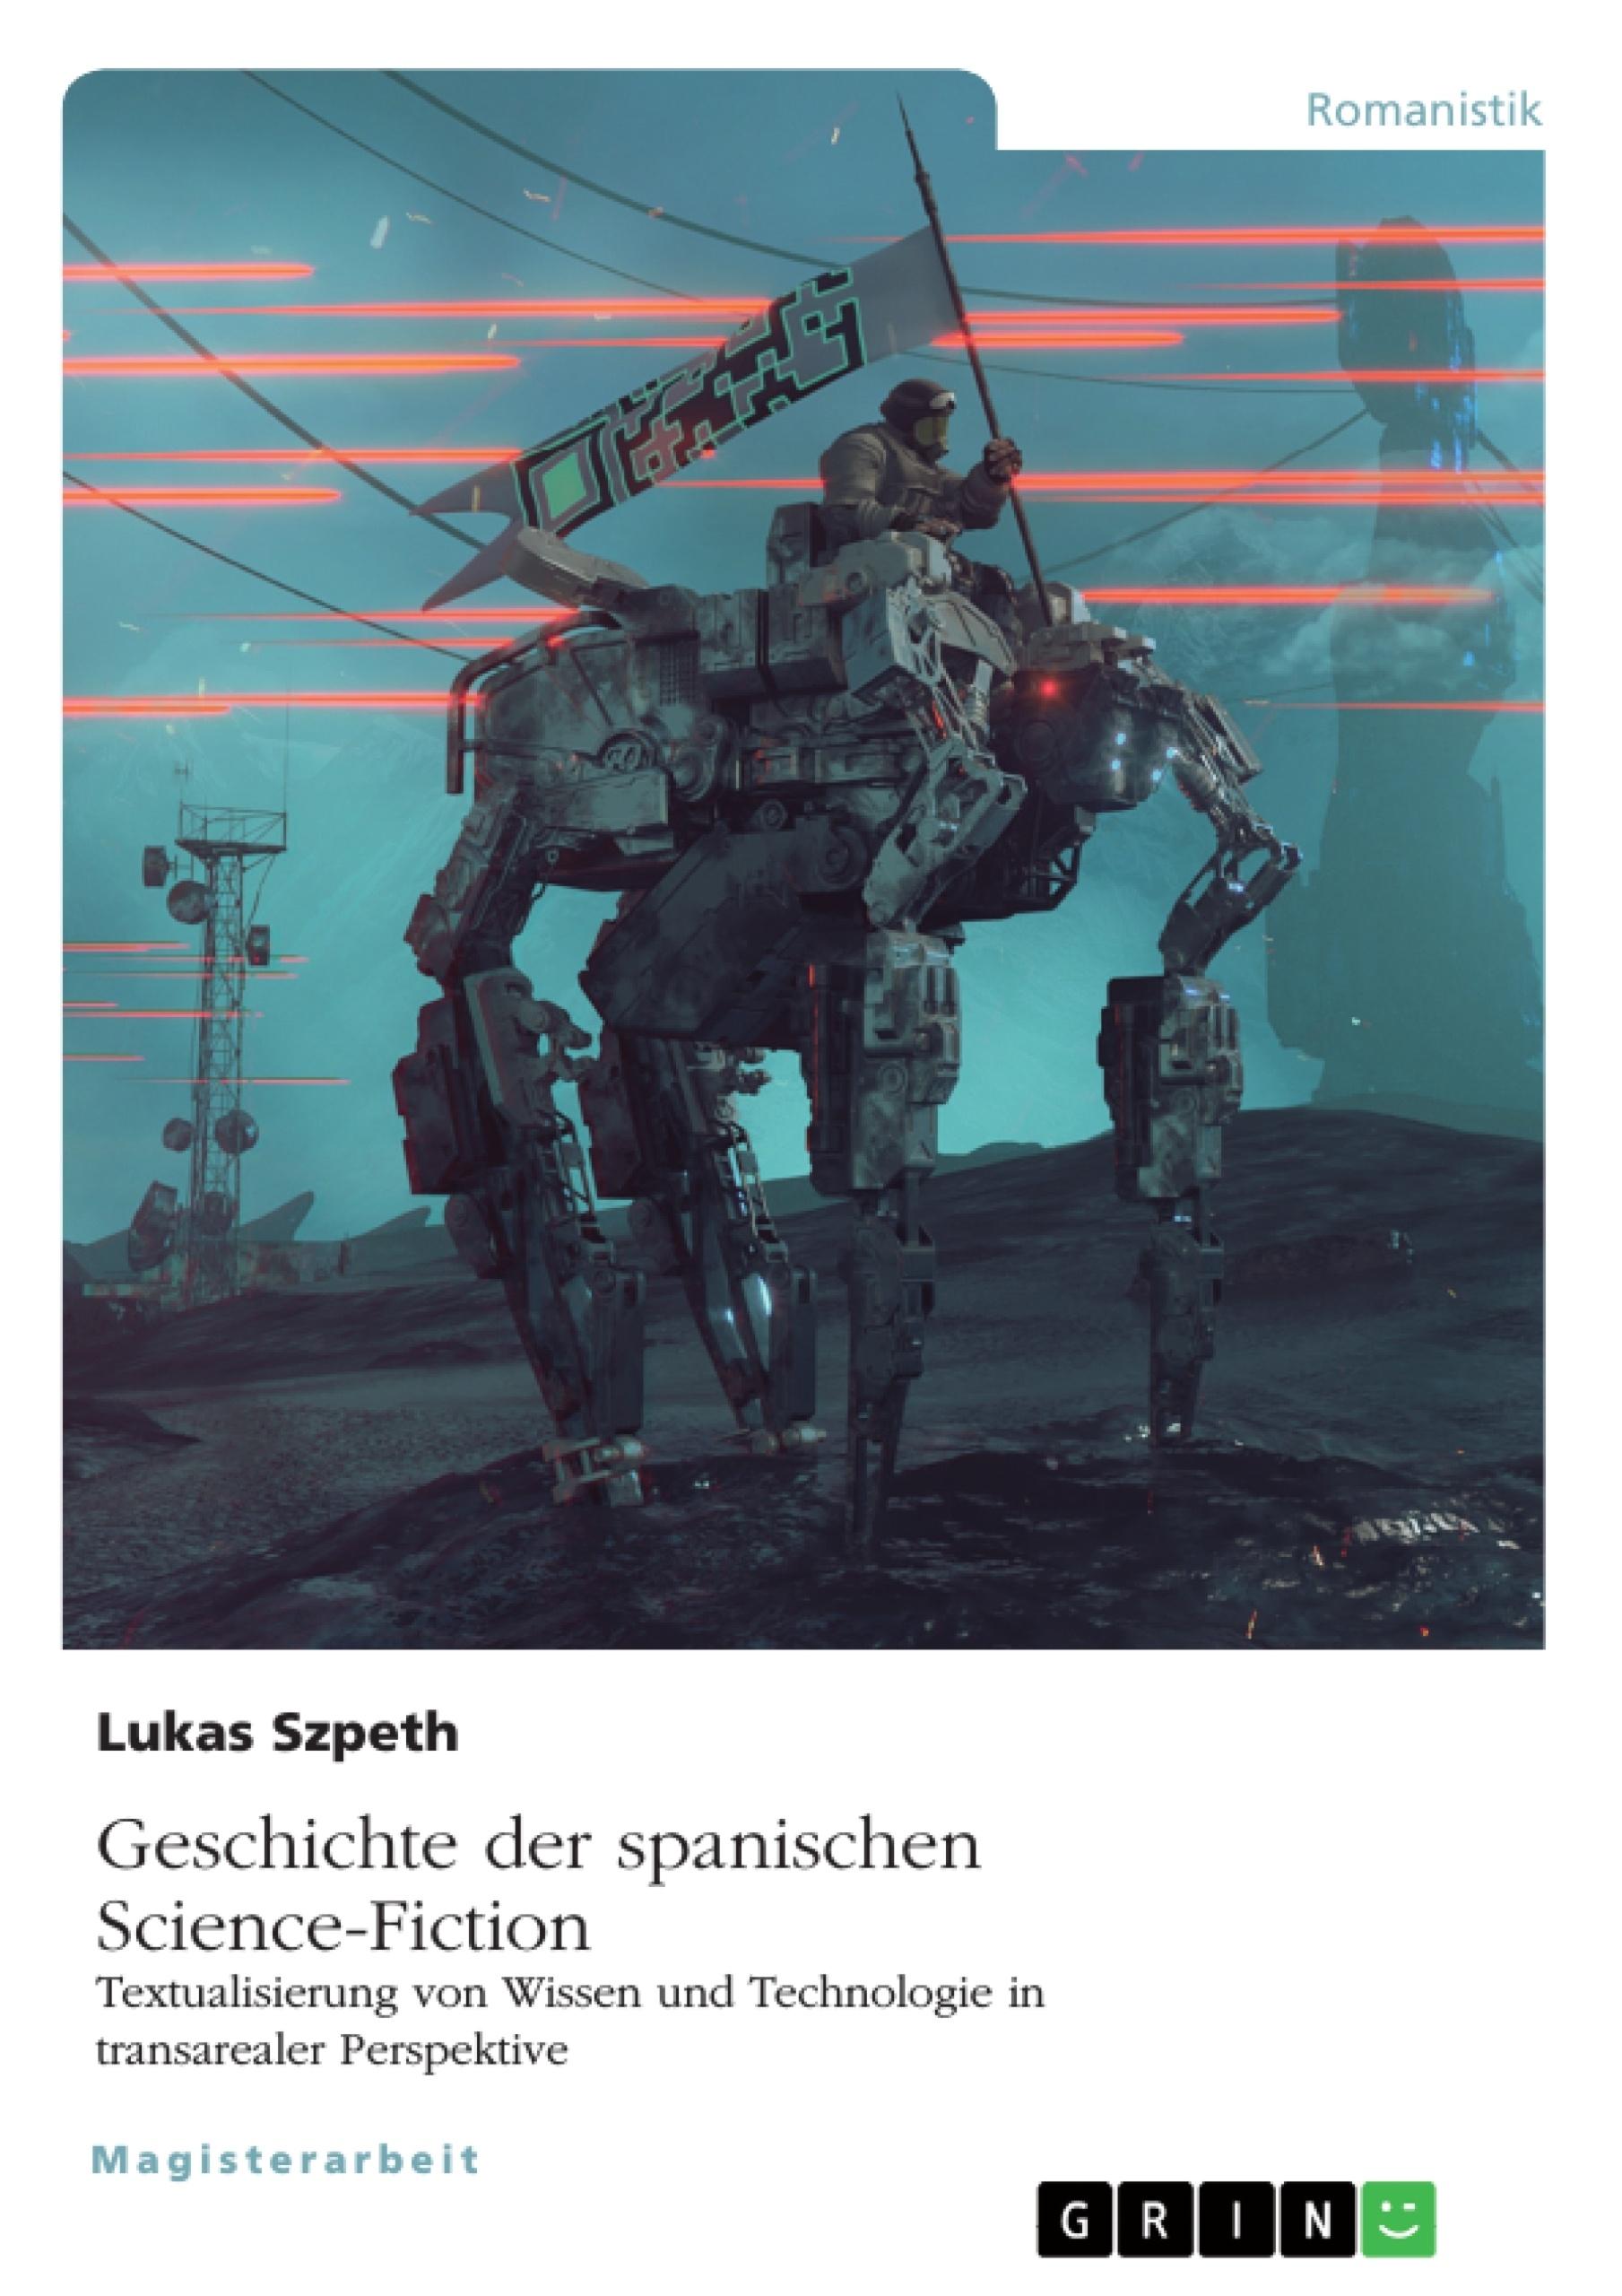 Titel: Geschichte der spanischen Science-Fiction. Textualisierung von Wissen und Technologie in transarealer Perspektive